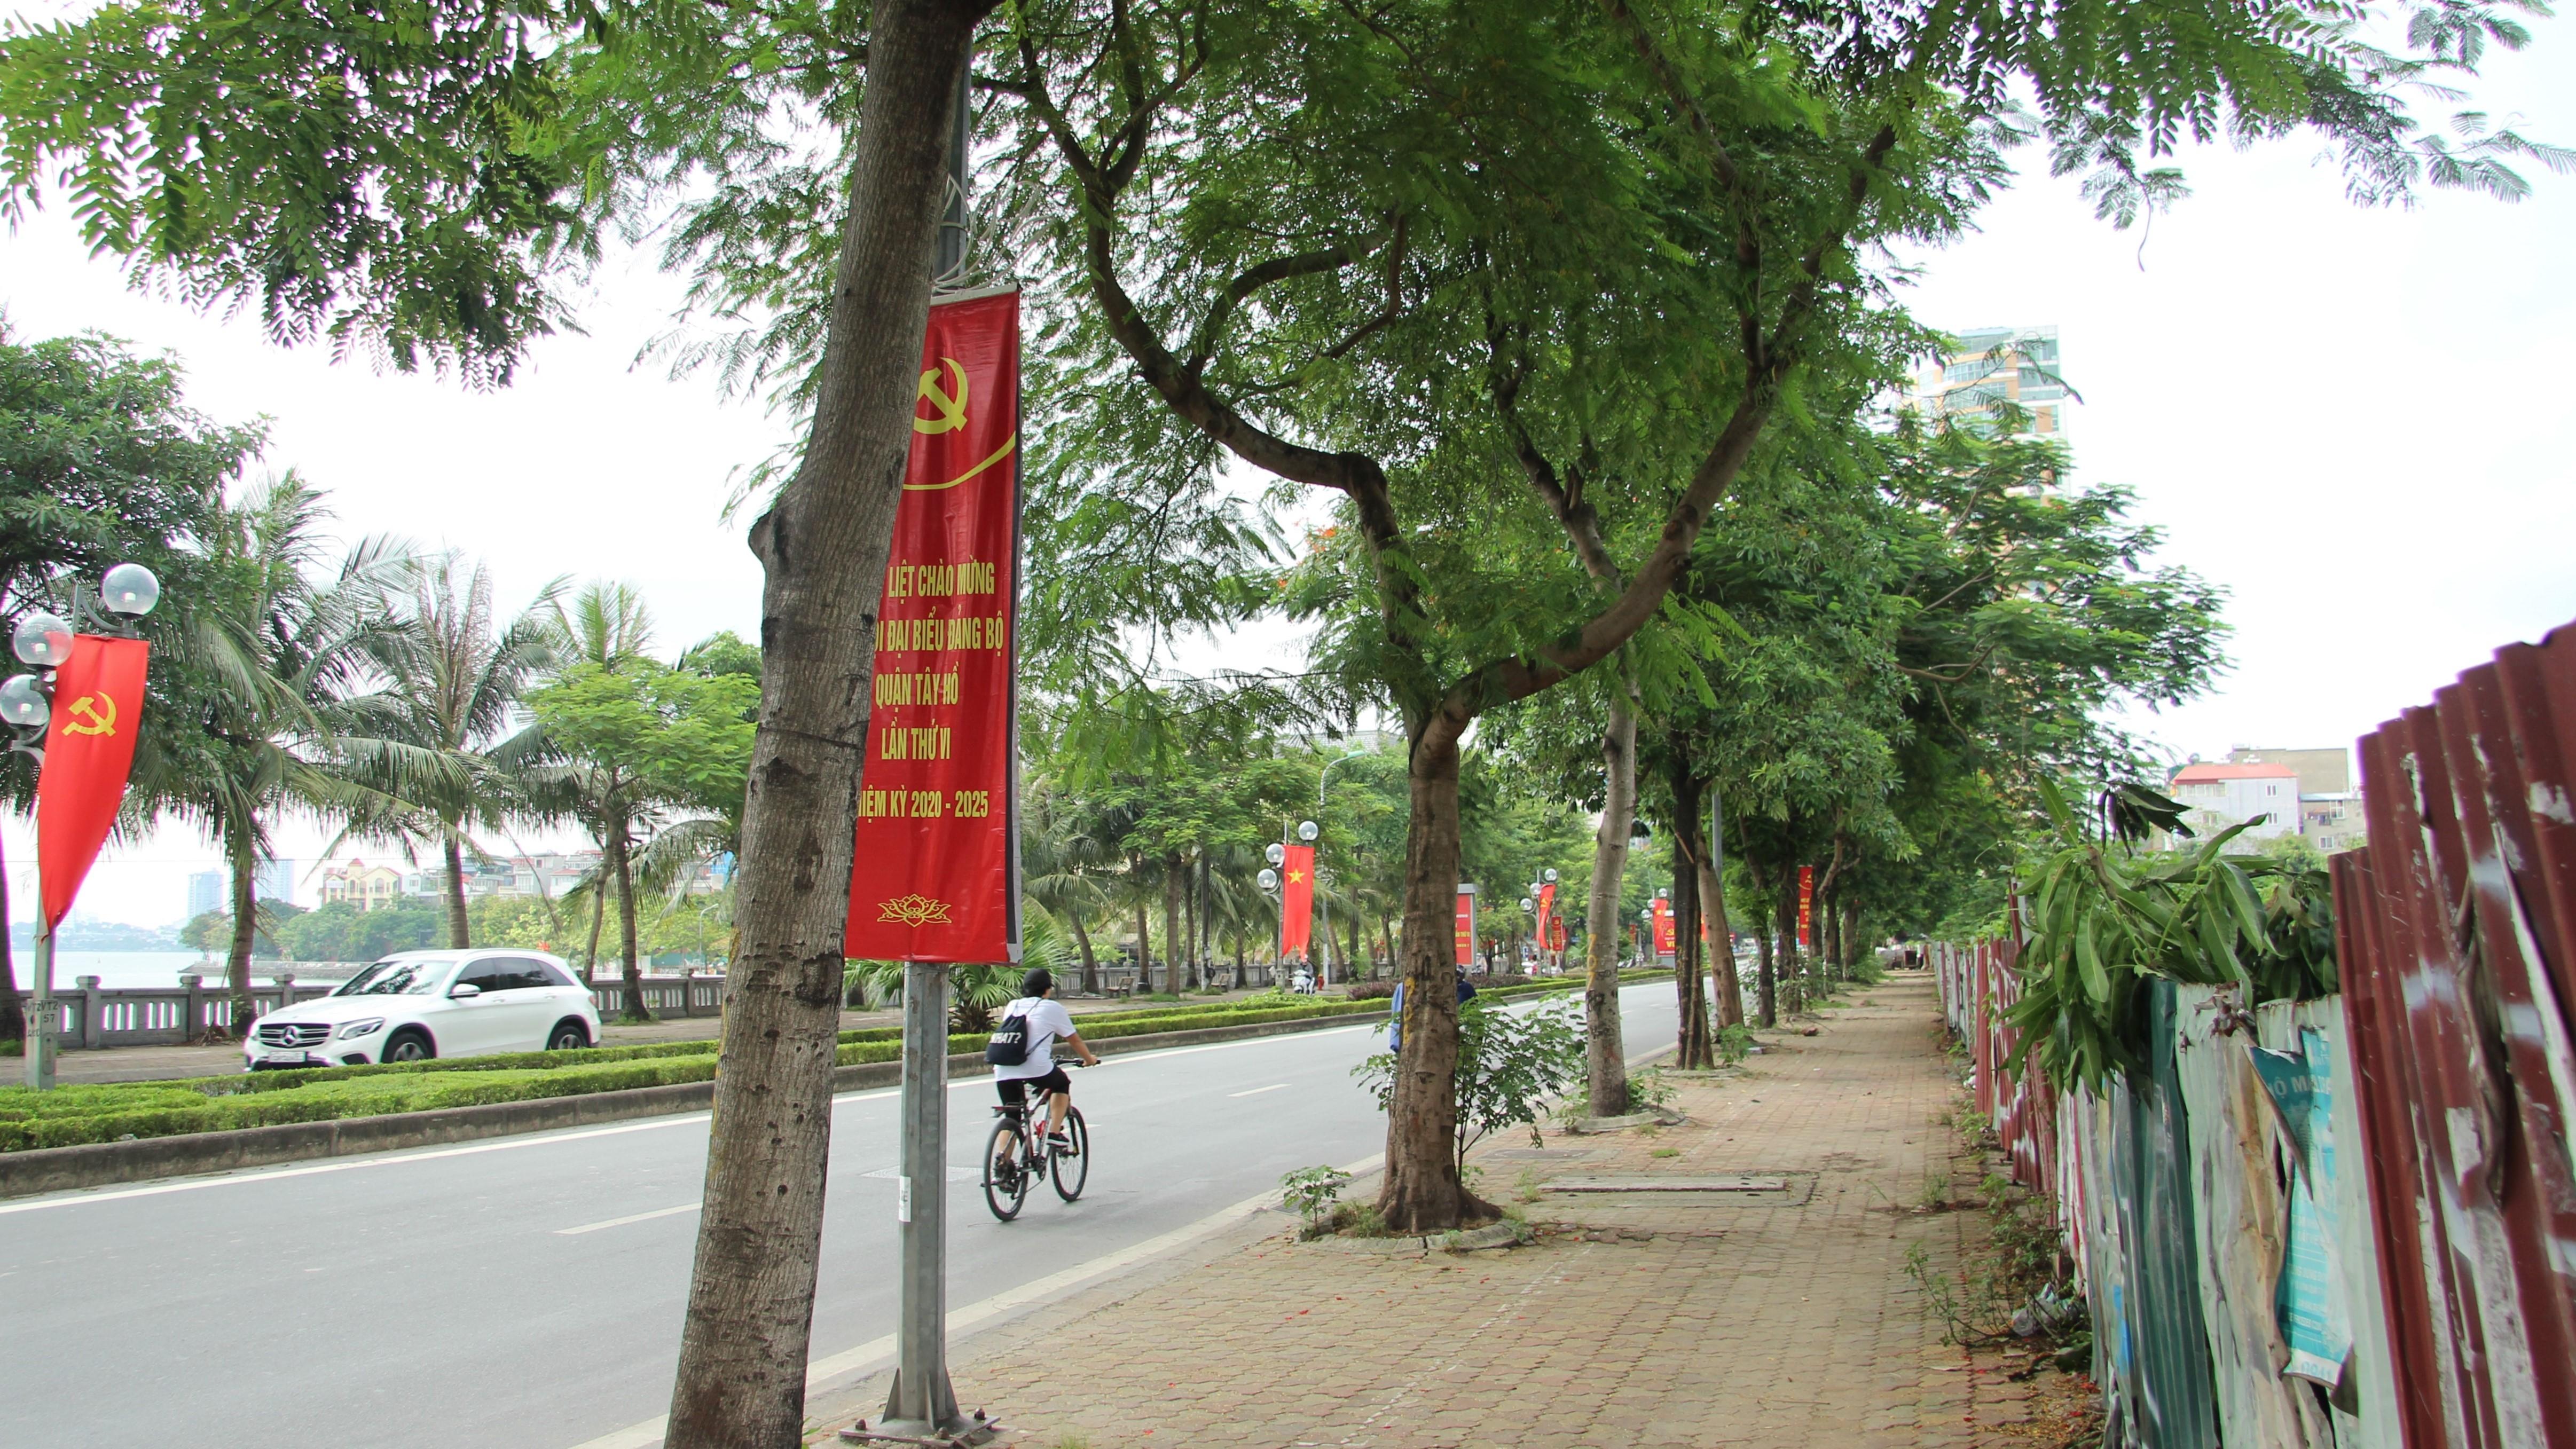 Đất dính qui hoạch ở phường Xuân La, quận Tây Hồ - Ảnh 5.